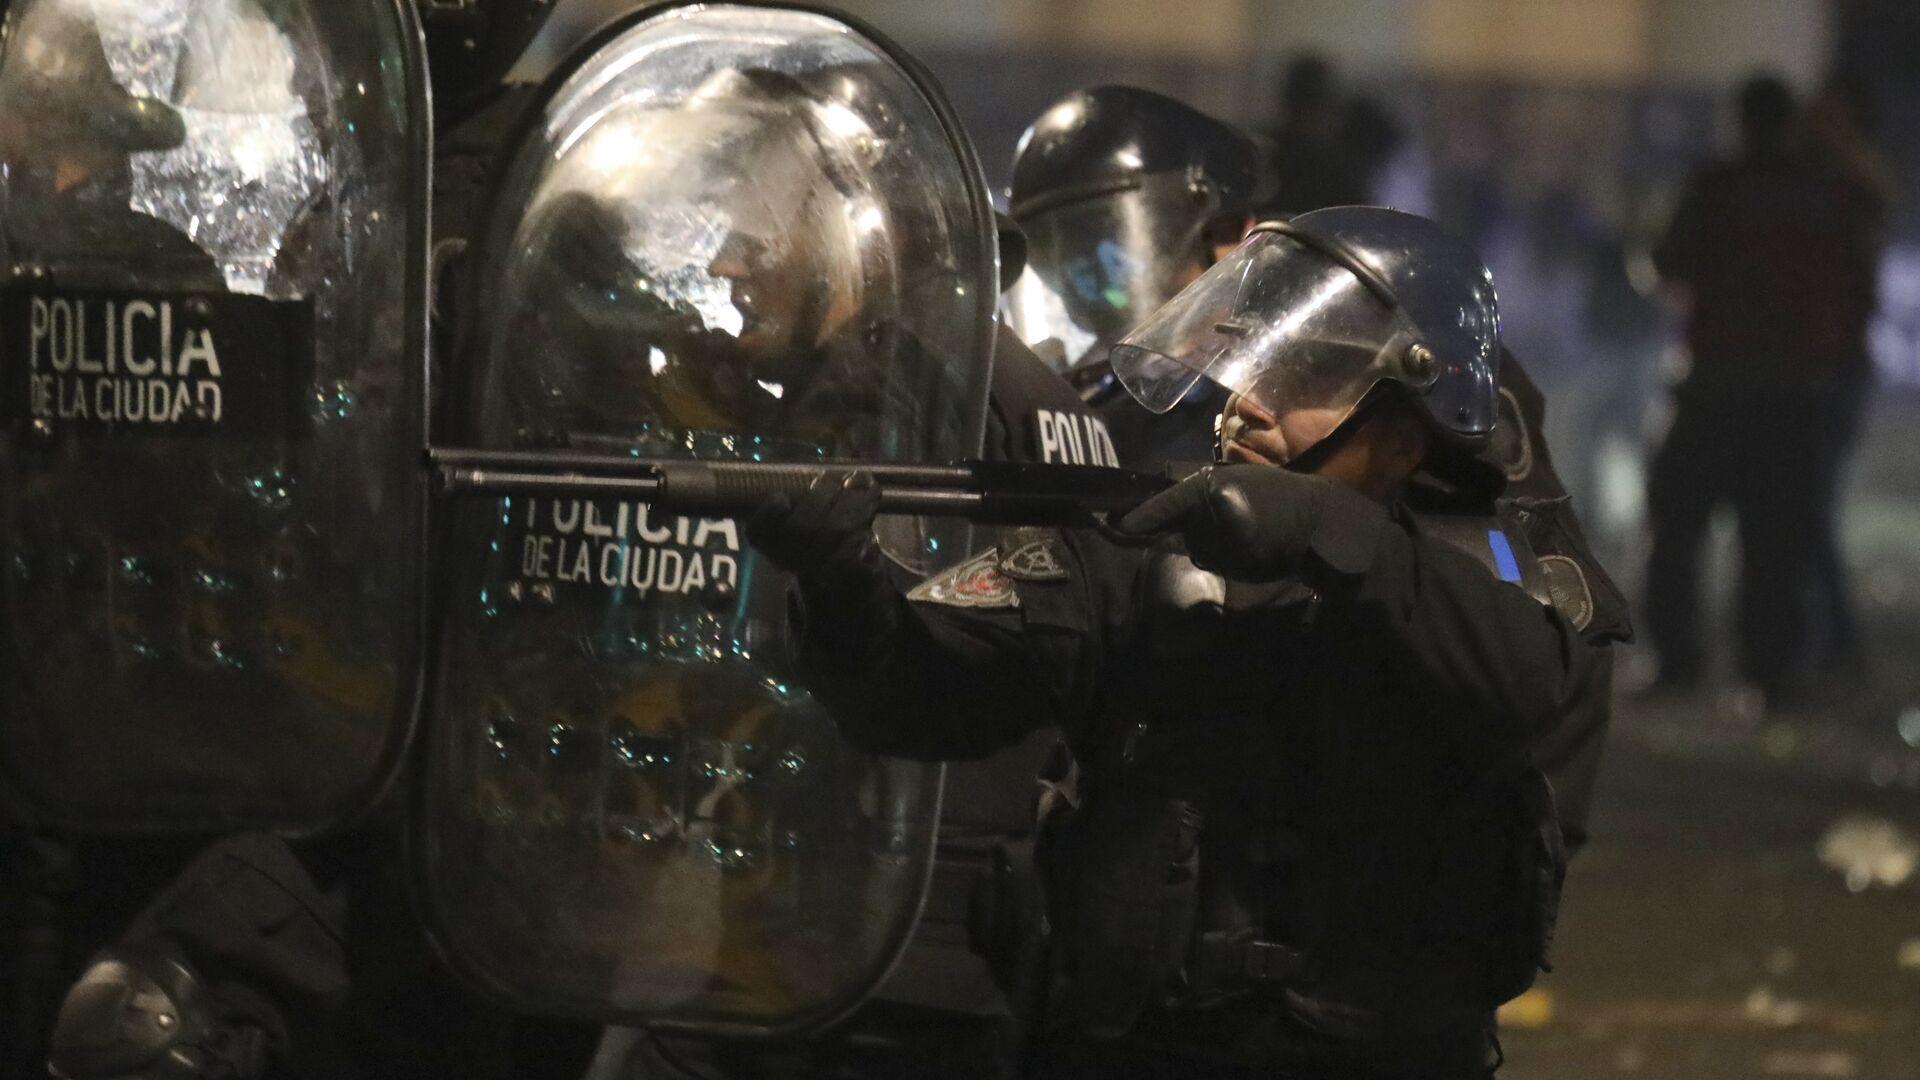 La Policía de Argentina (imagen referencial) - Sputnik Mundo, 1920, 28.07.2021